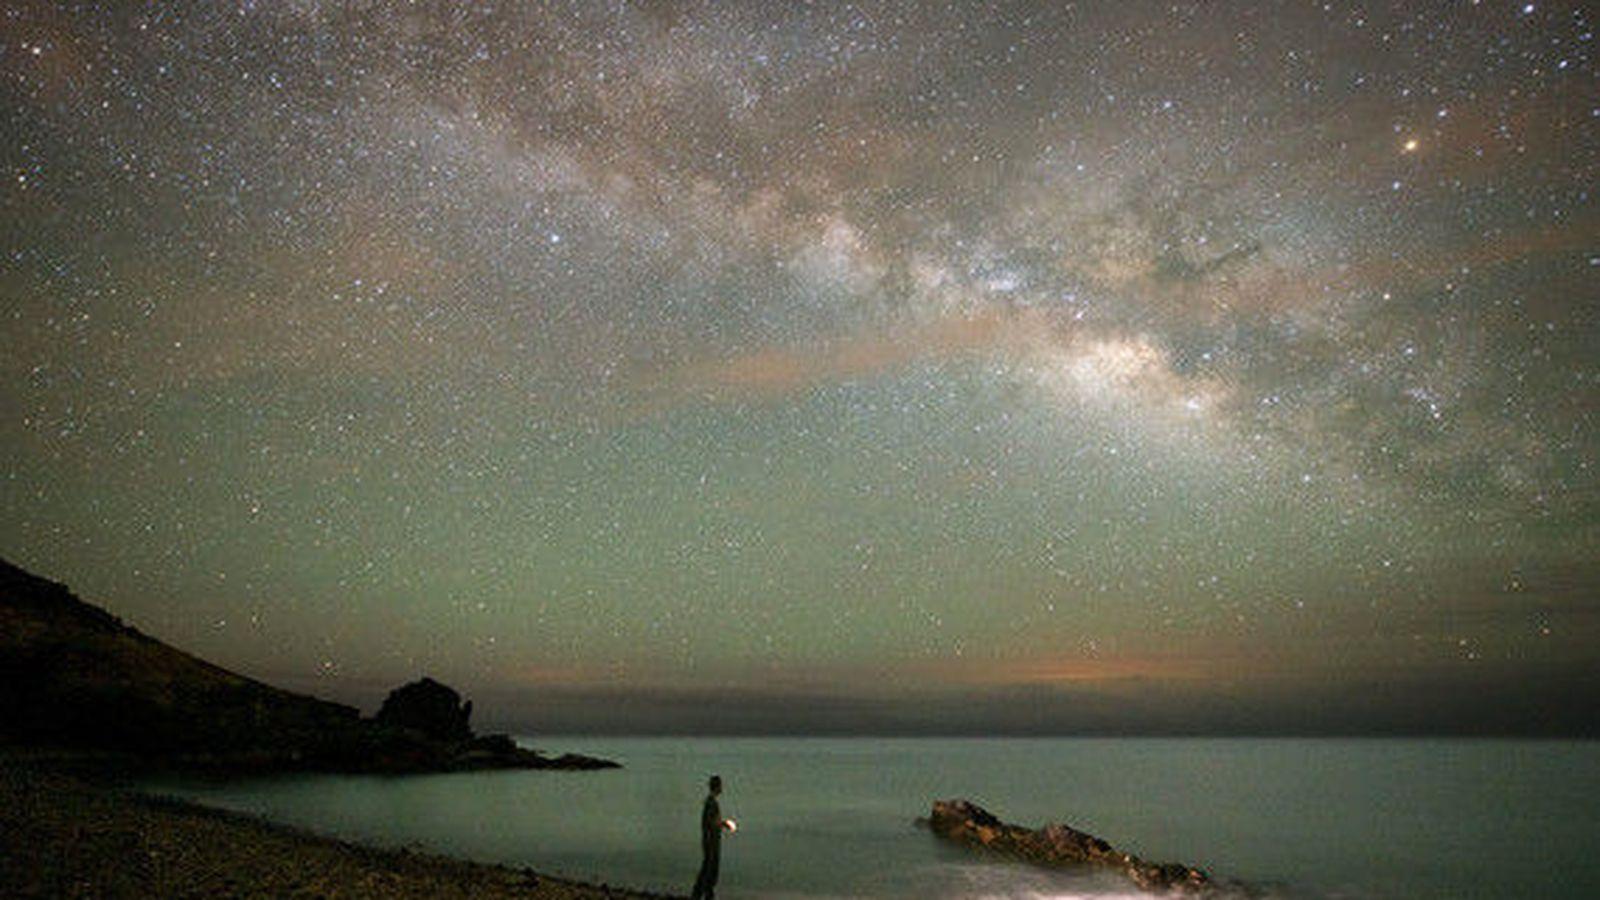 Foto: El astroturismo es una tendencia en alza que combina sostenibilidad y divulgación científica. La imagen corresponde a la isla de Fuerteventura, una de las reservas certificadas por la fundación Starlight gracias a la calidad de su cielo. / Carlos de Saa